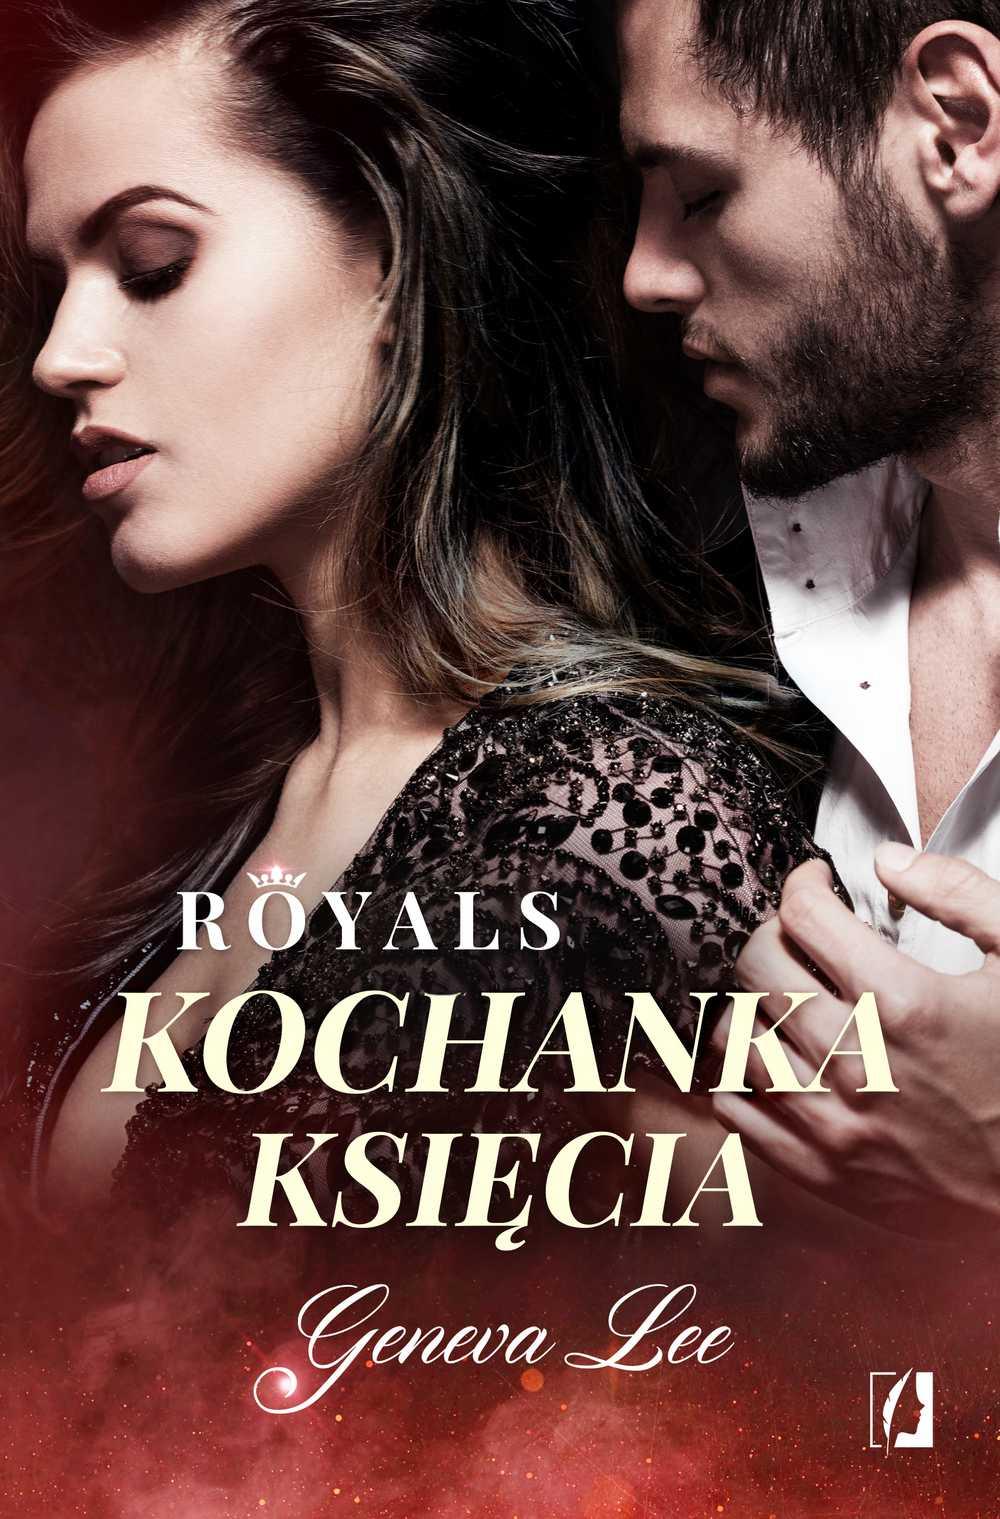 Kochanka księcia - Ebook (Książka na Kindle) do pobrania w formacie MOBI